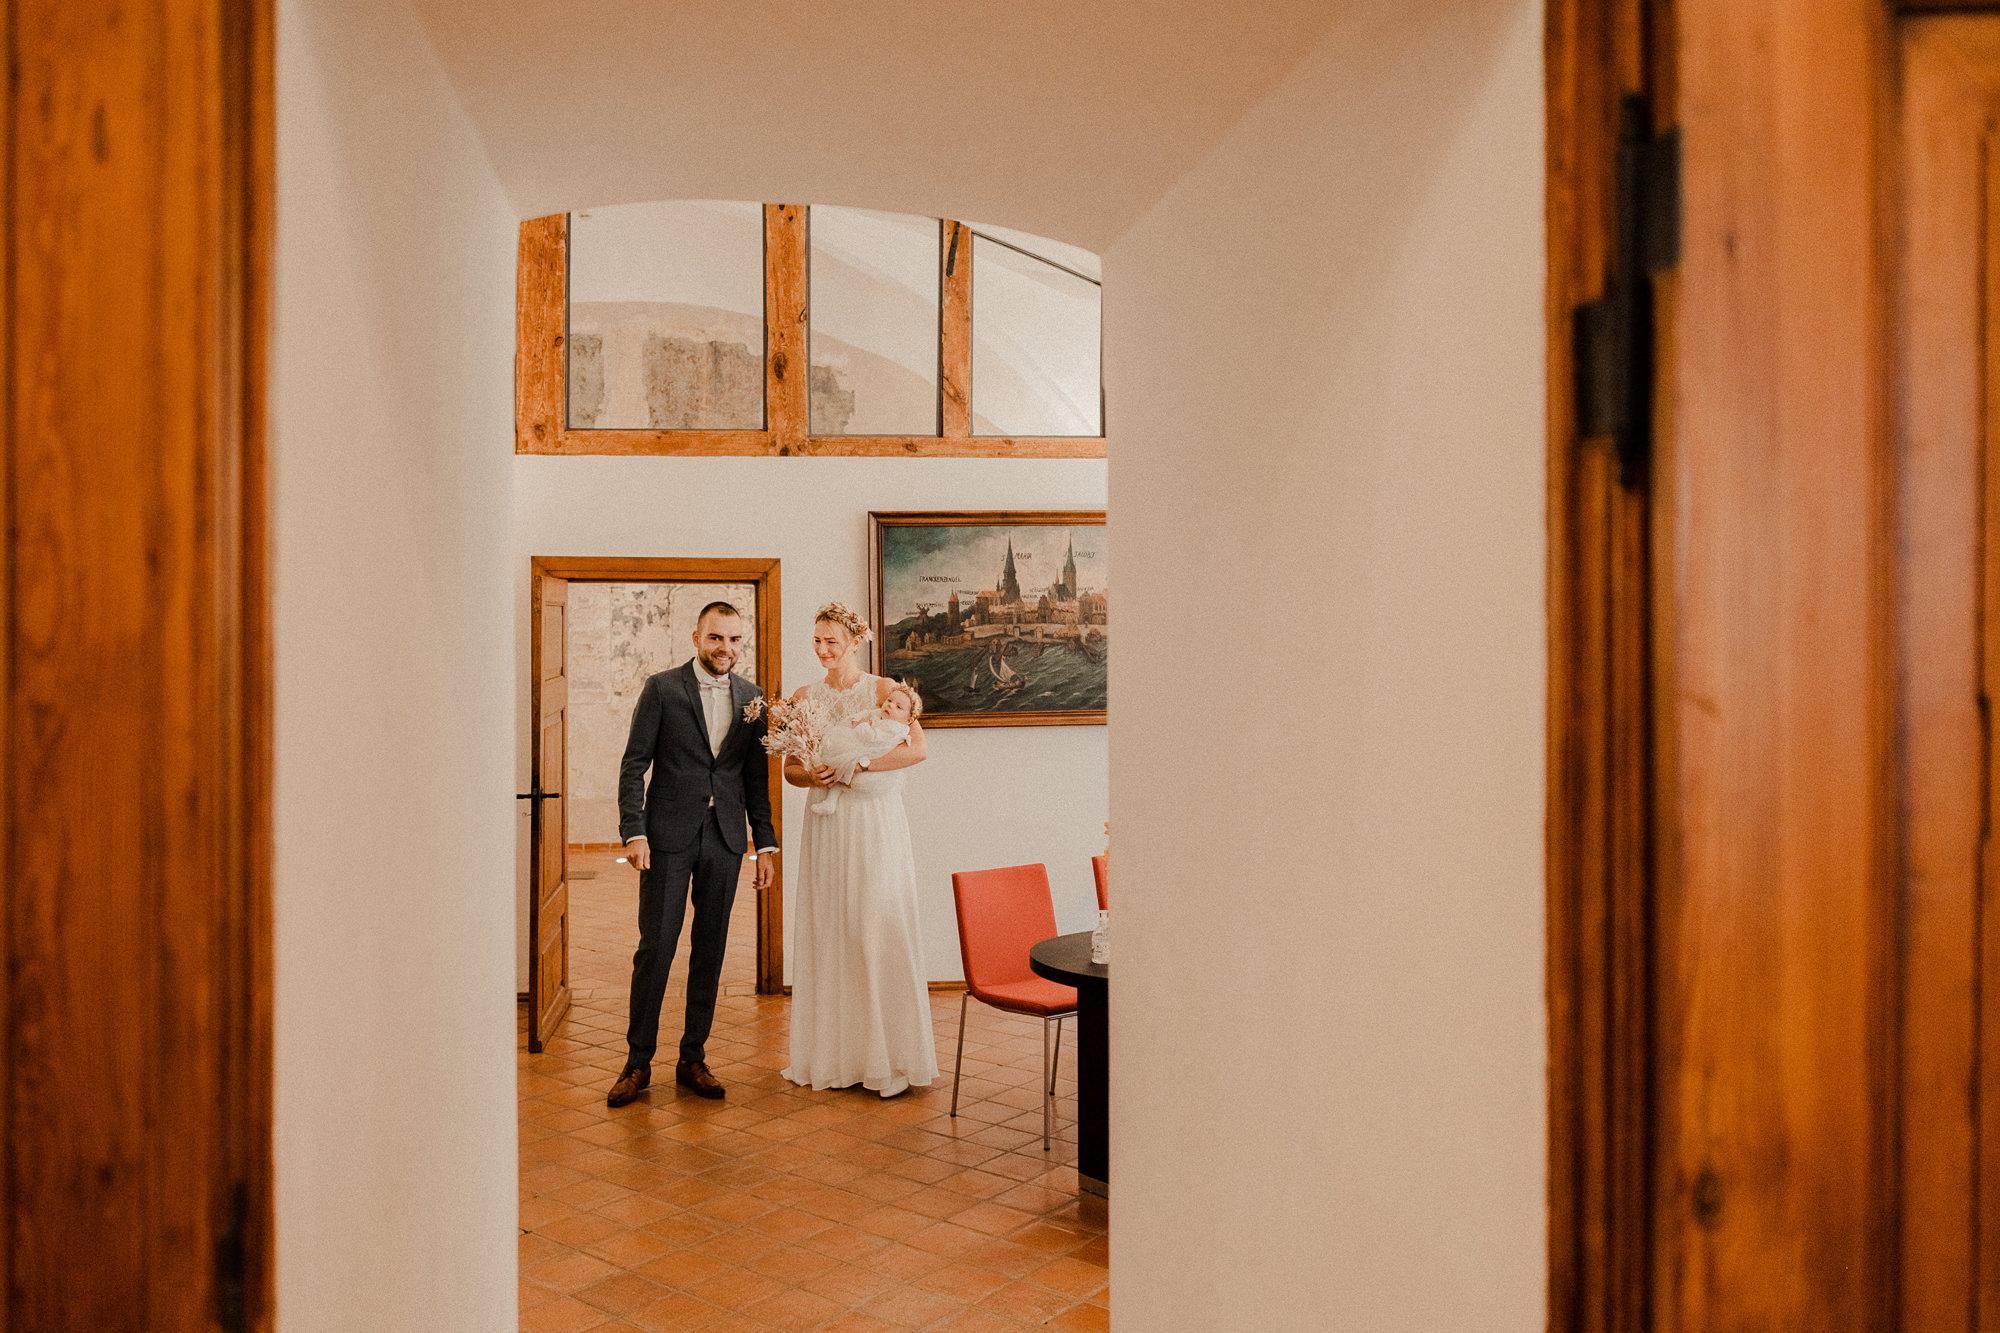 Hochzeitsfotograf Rügen - Heiraten im Standesamt Stralsund - Hochzeitsfotos Stralsund - Stralsunder Fotograf - Hochzeitsfotografie